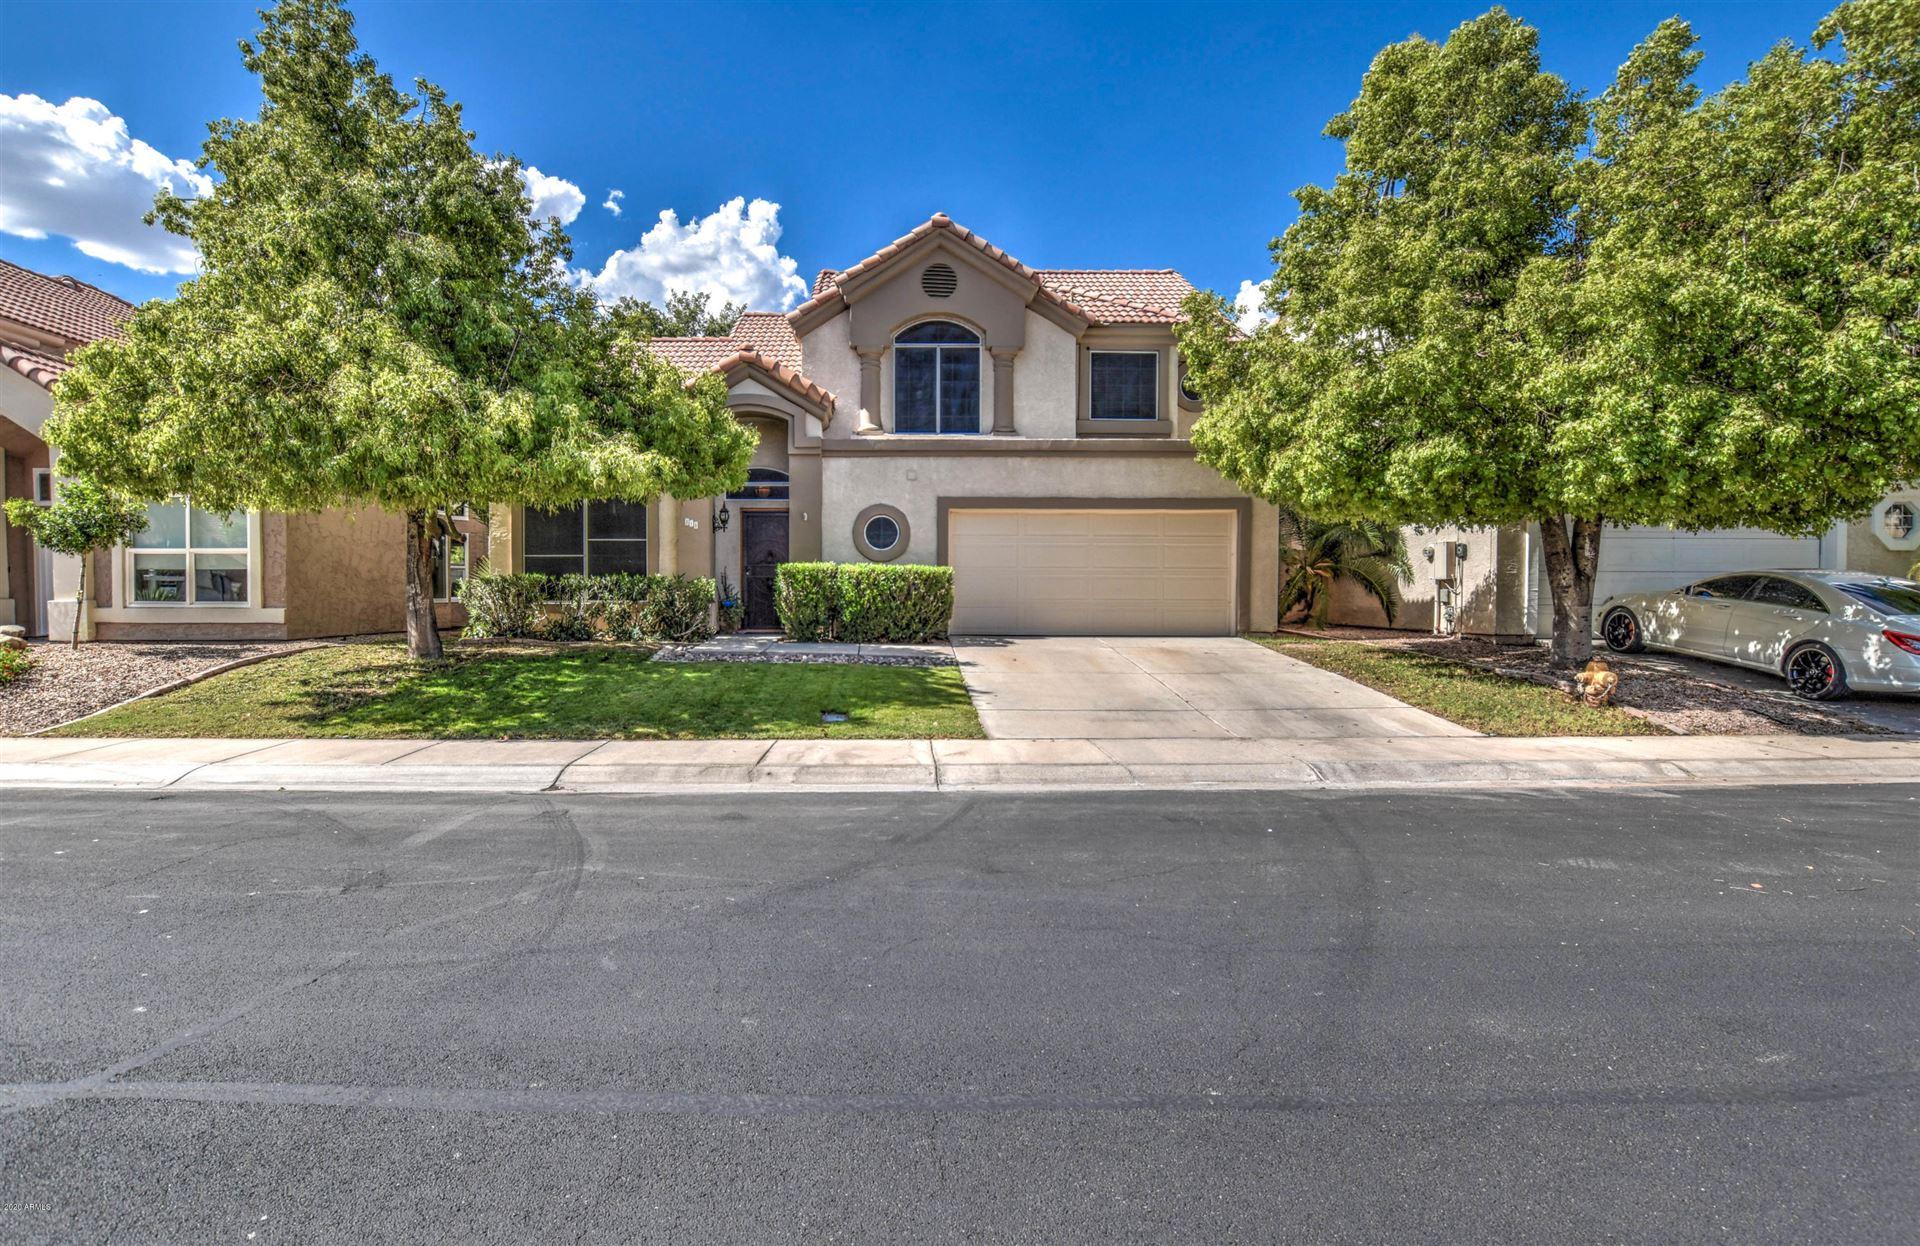 818 W DEVON Drive, Gilbert, AZ 85233 - #: 6099567